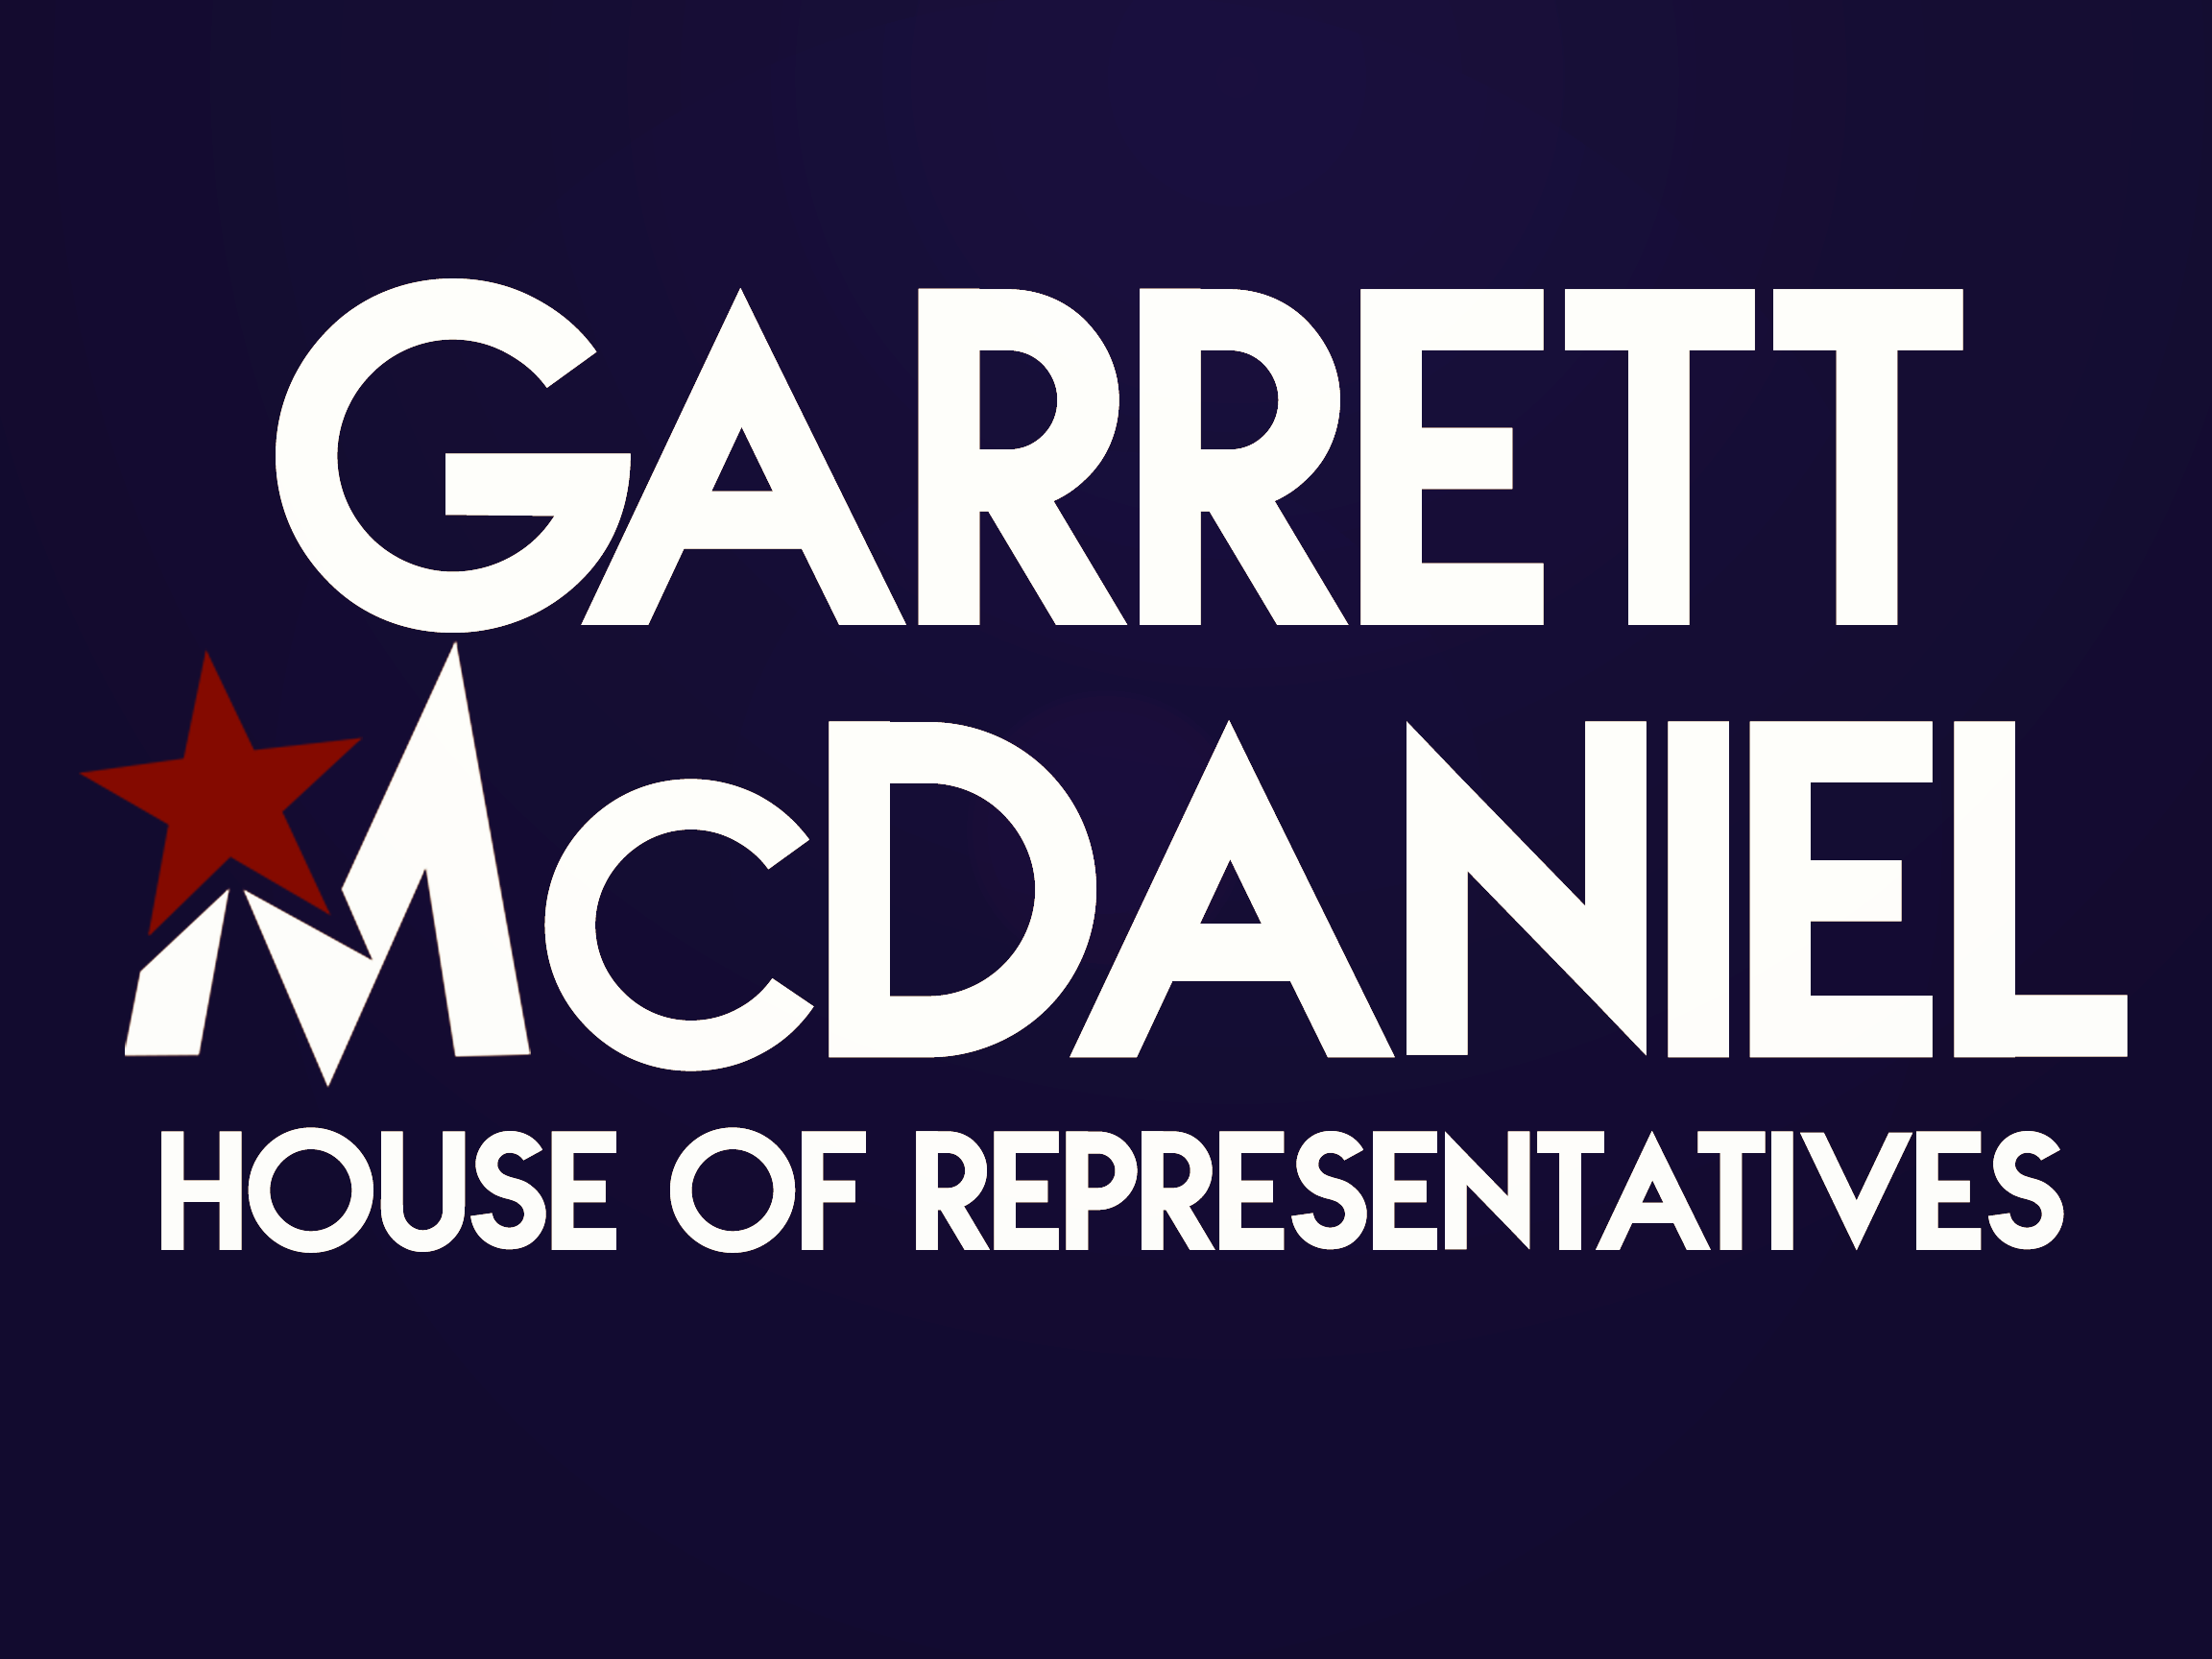 Garrett McDaniel